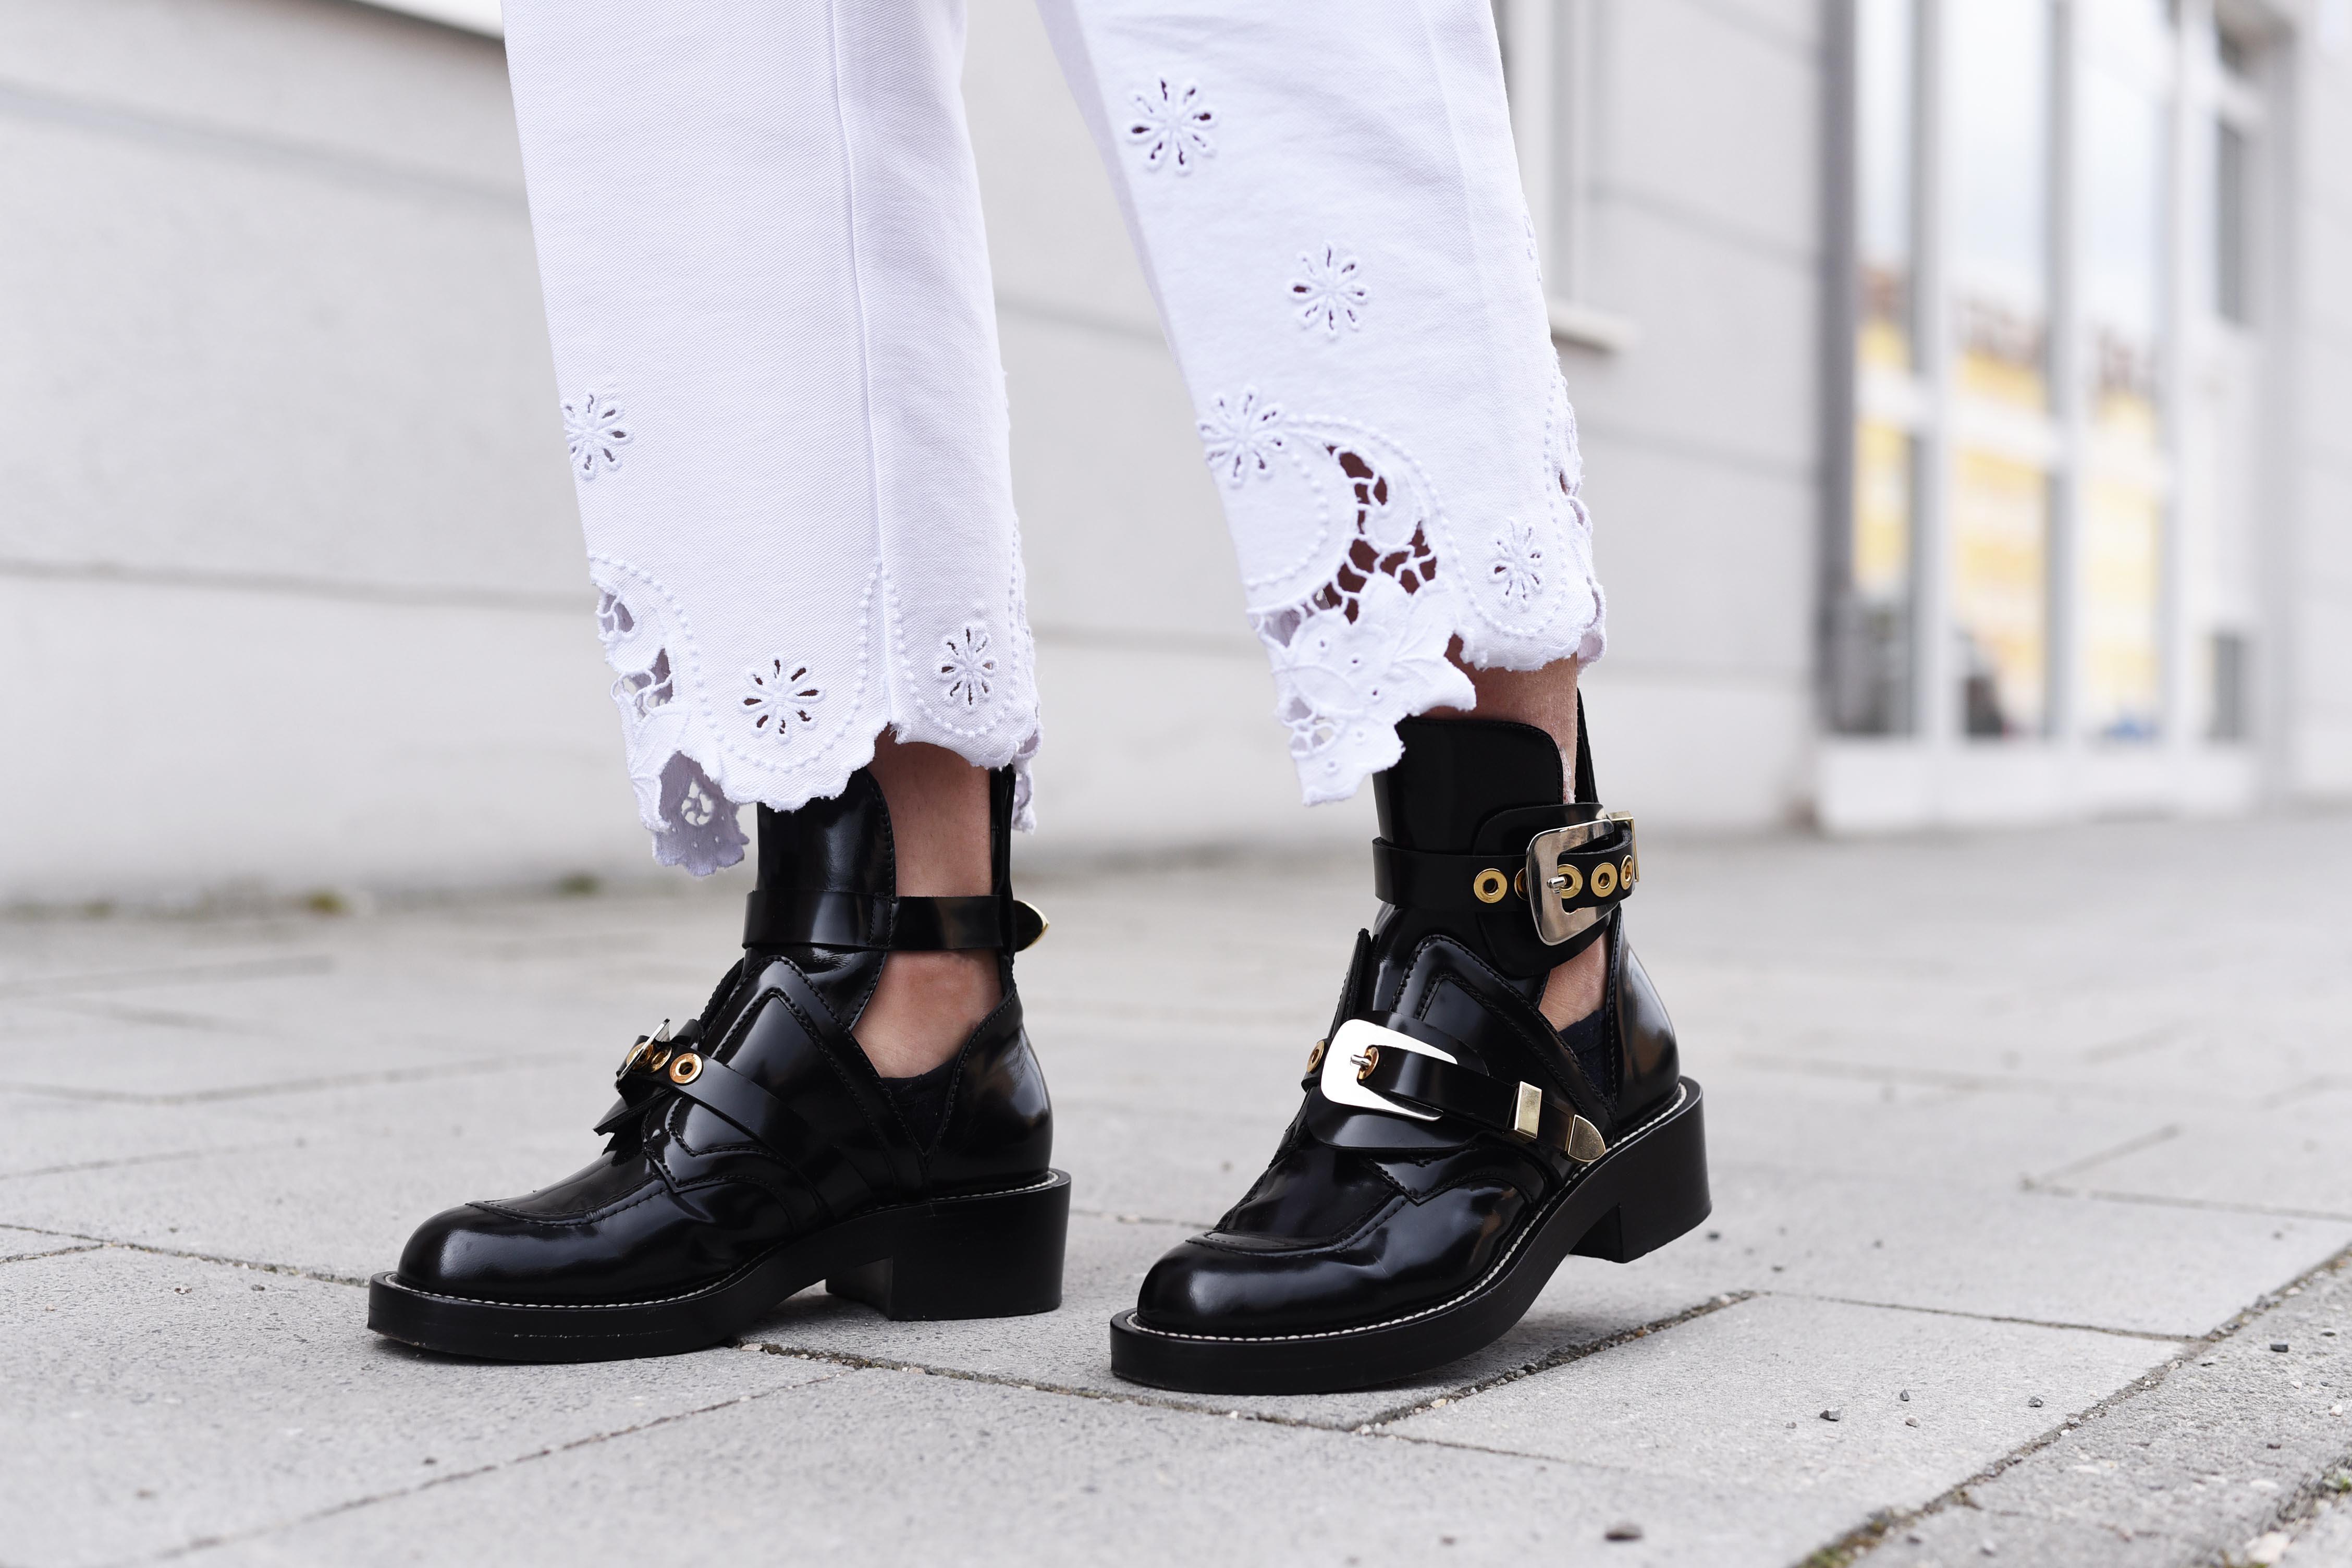 fashiioncarpet-Balenciaga Ceinture-Ankle-Boots-streetstyle